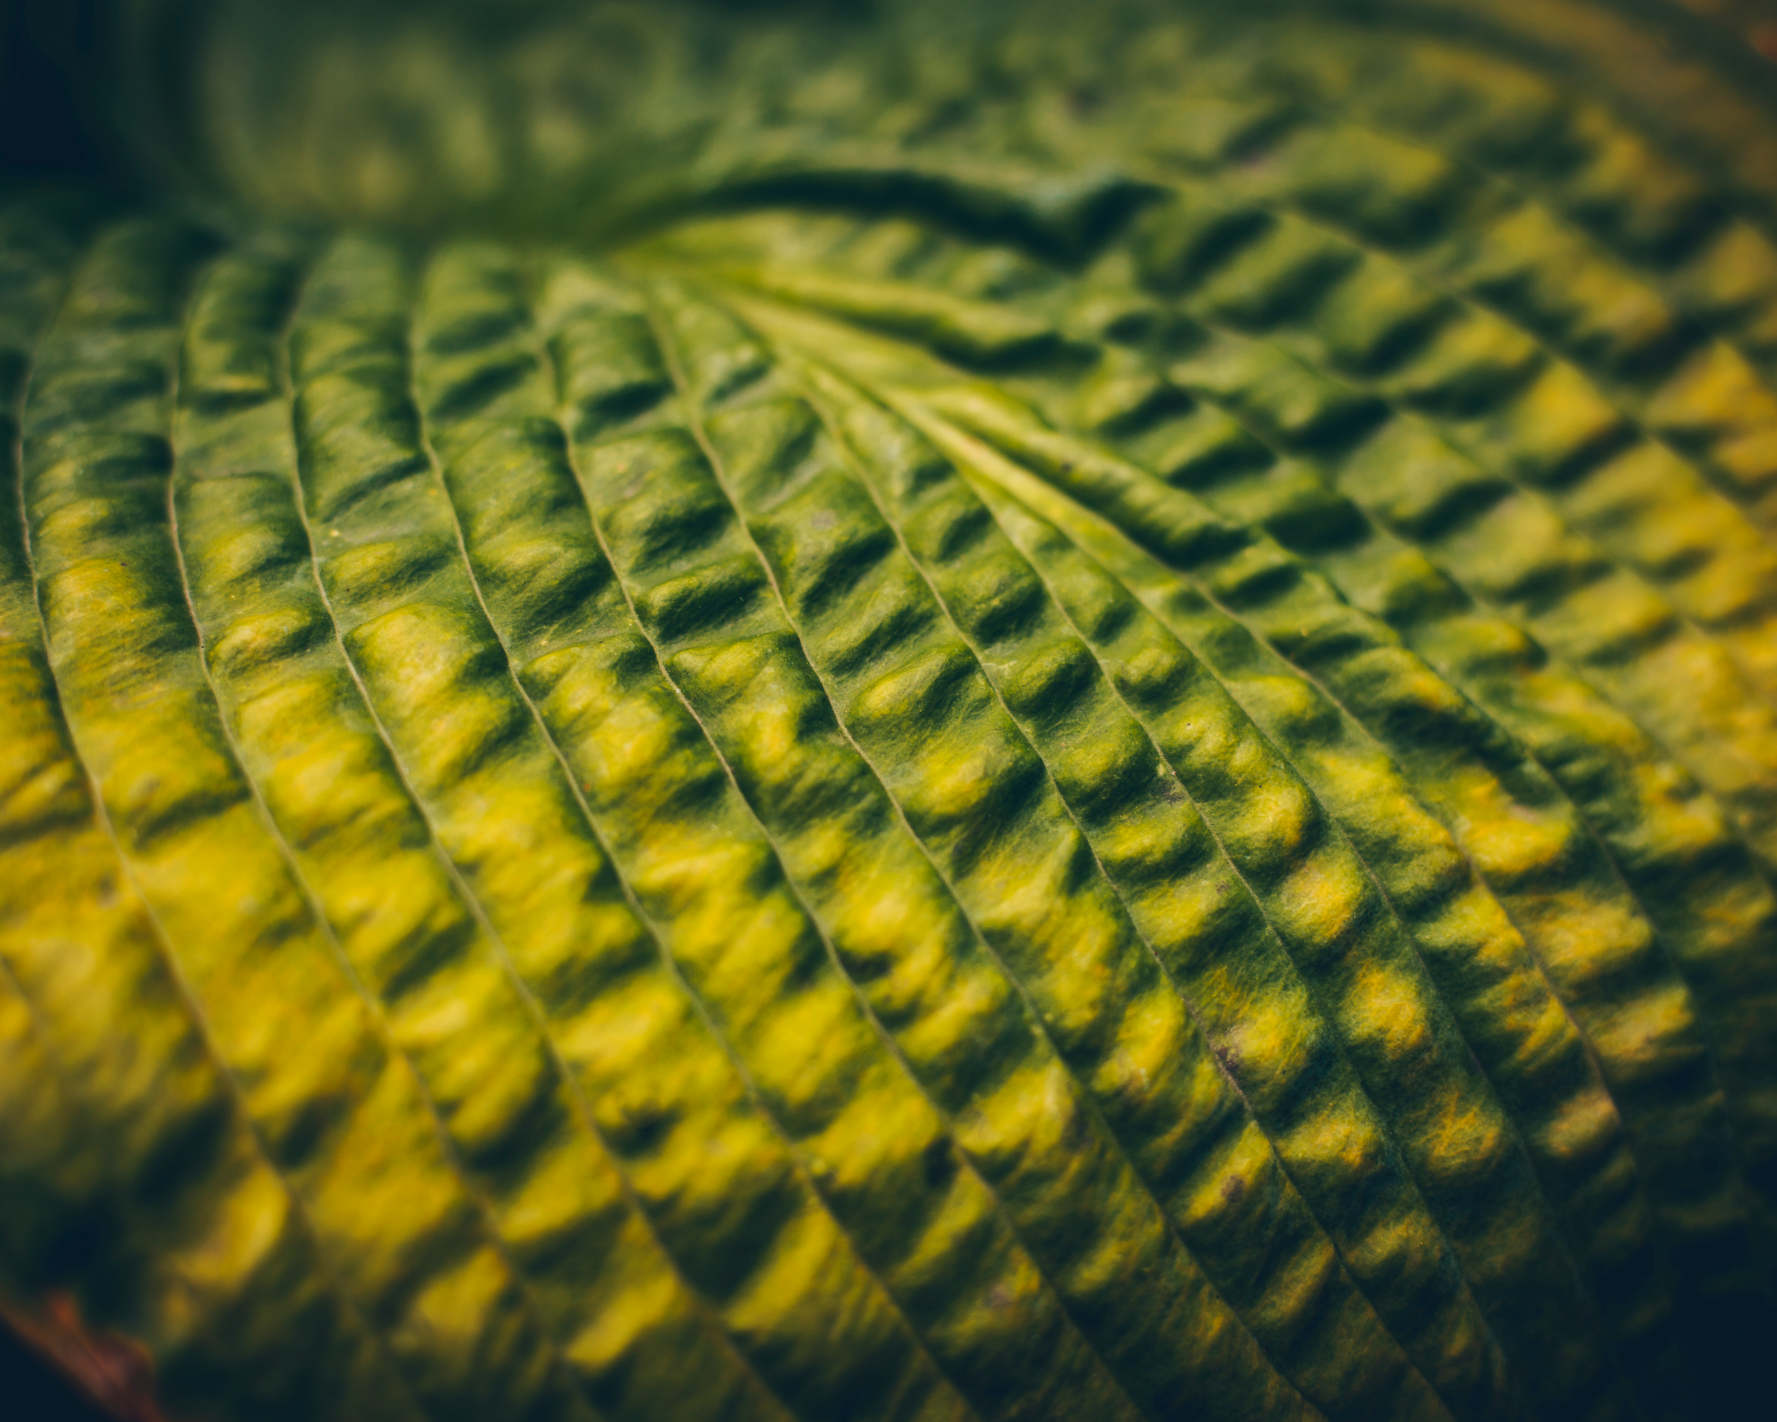 Extreme Makroaufnahme eines Blatts, dessen Struktur wie Reihenhäuser aussieht